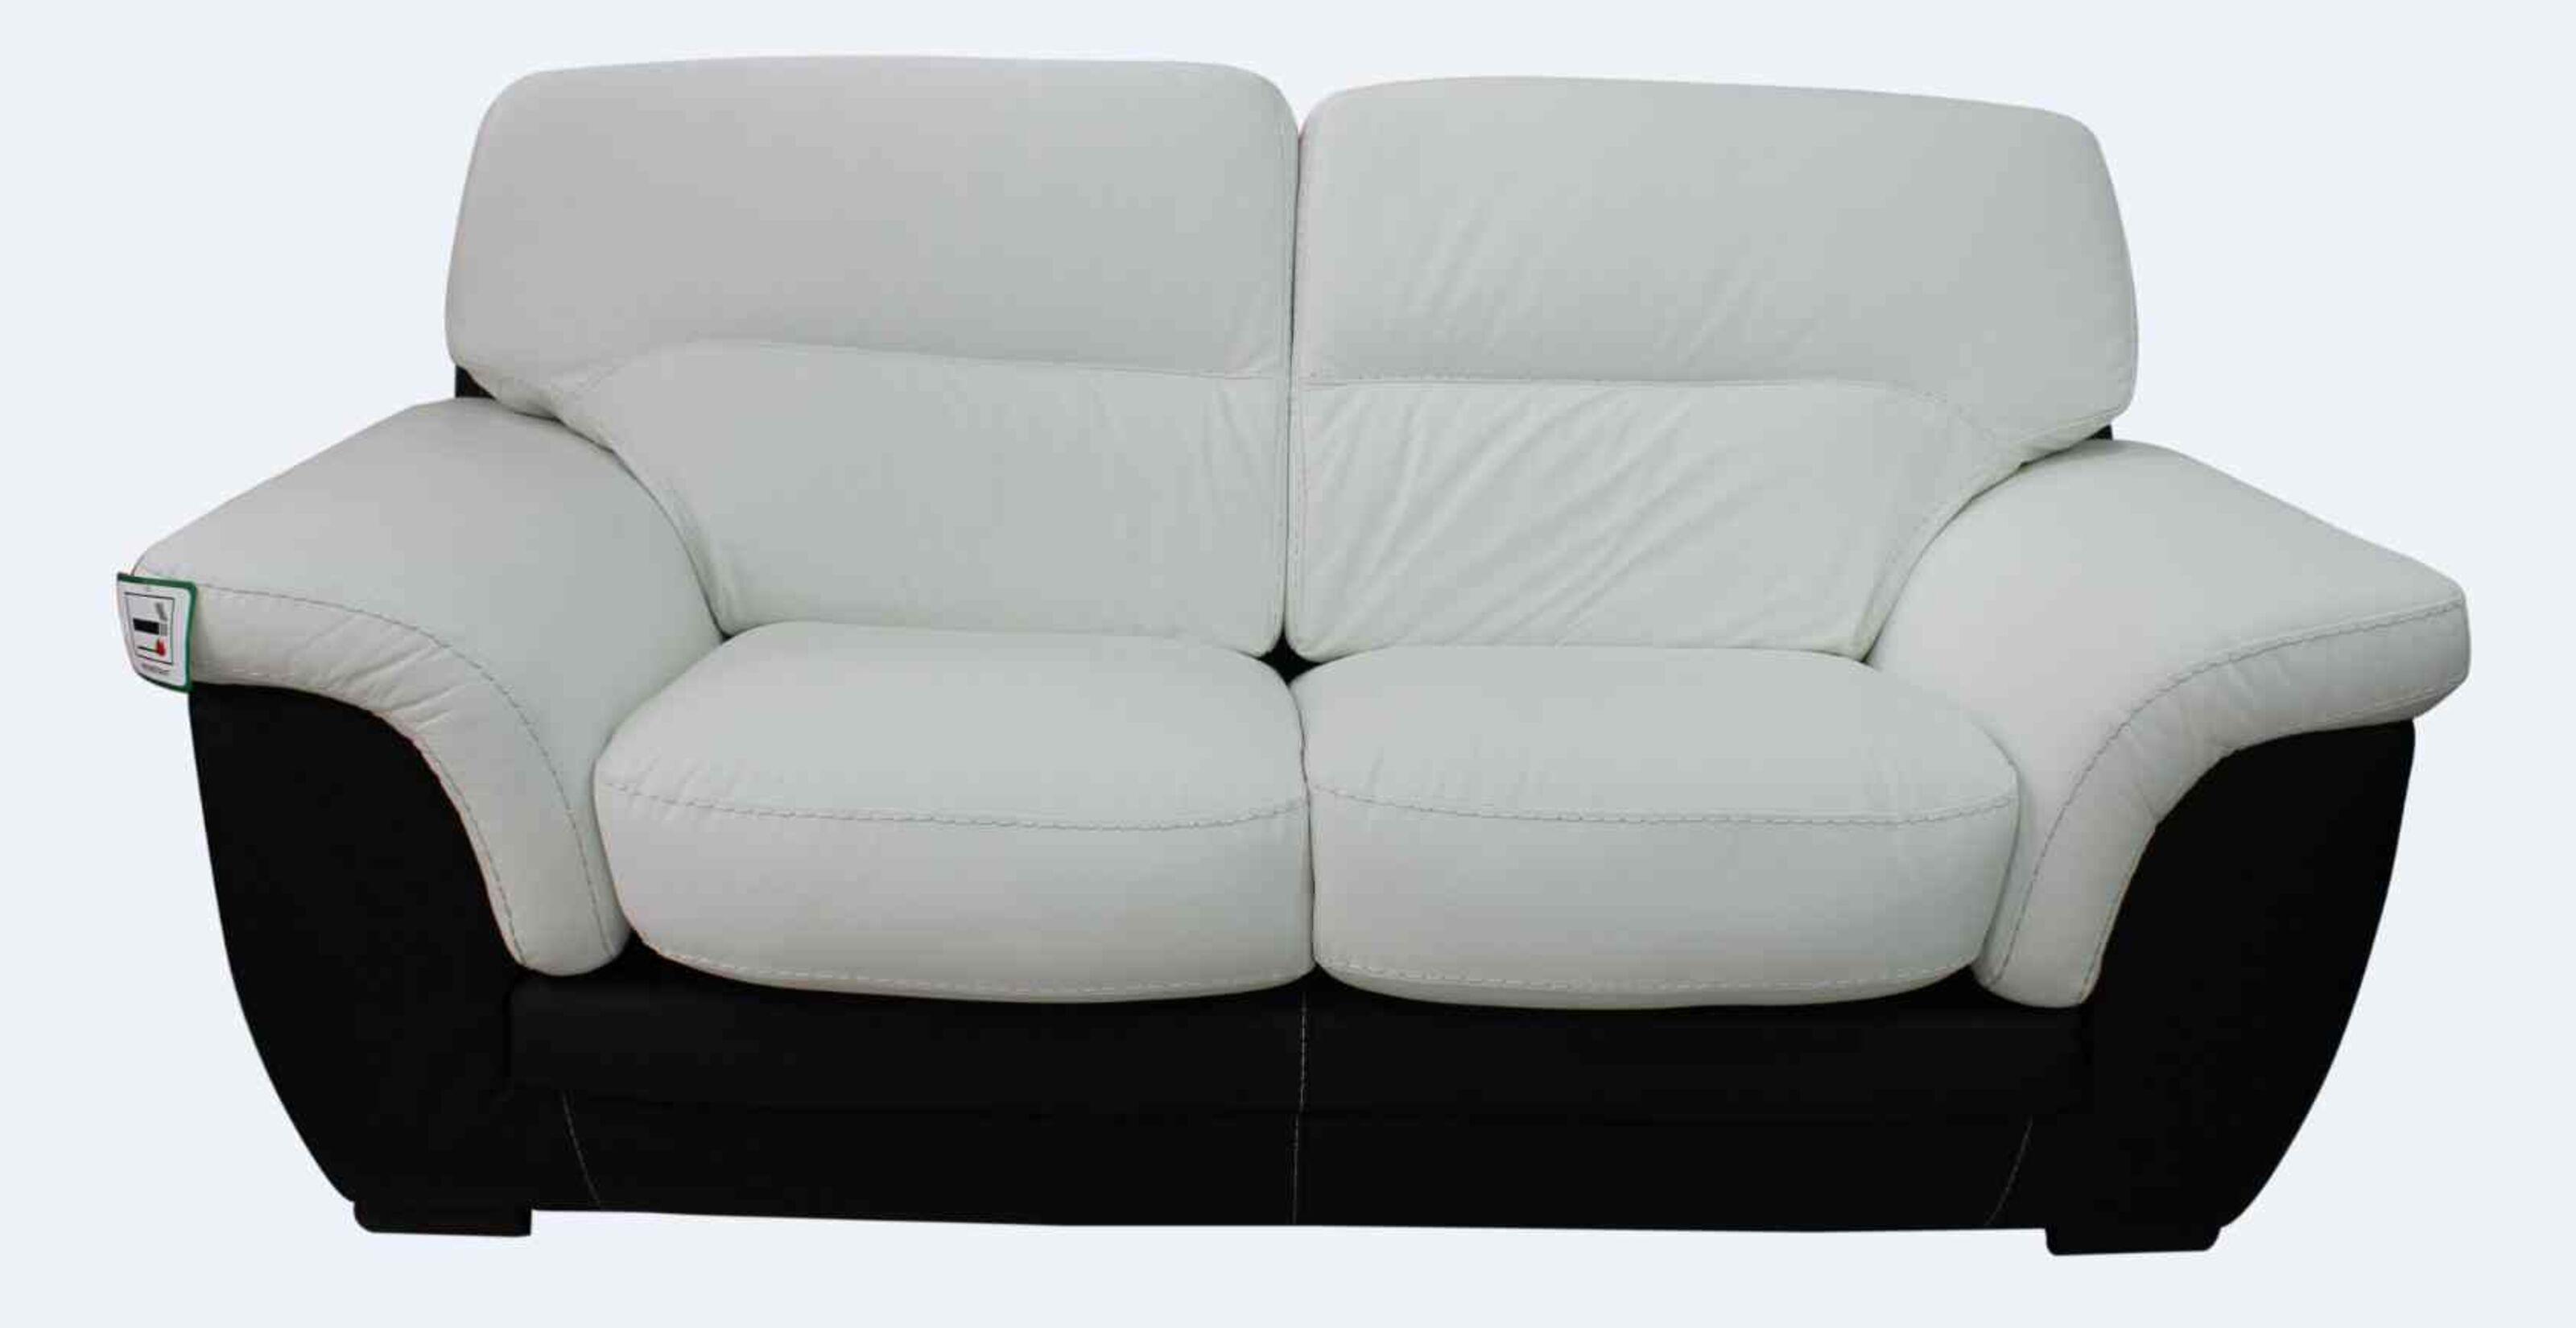 - Italian Daniel Leather 2 Seater Contemporary Sofa Black White